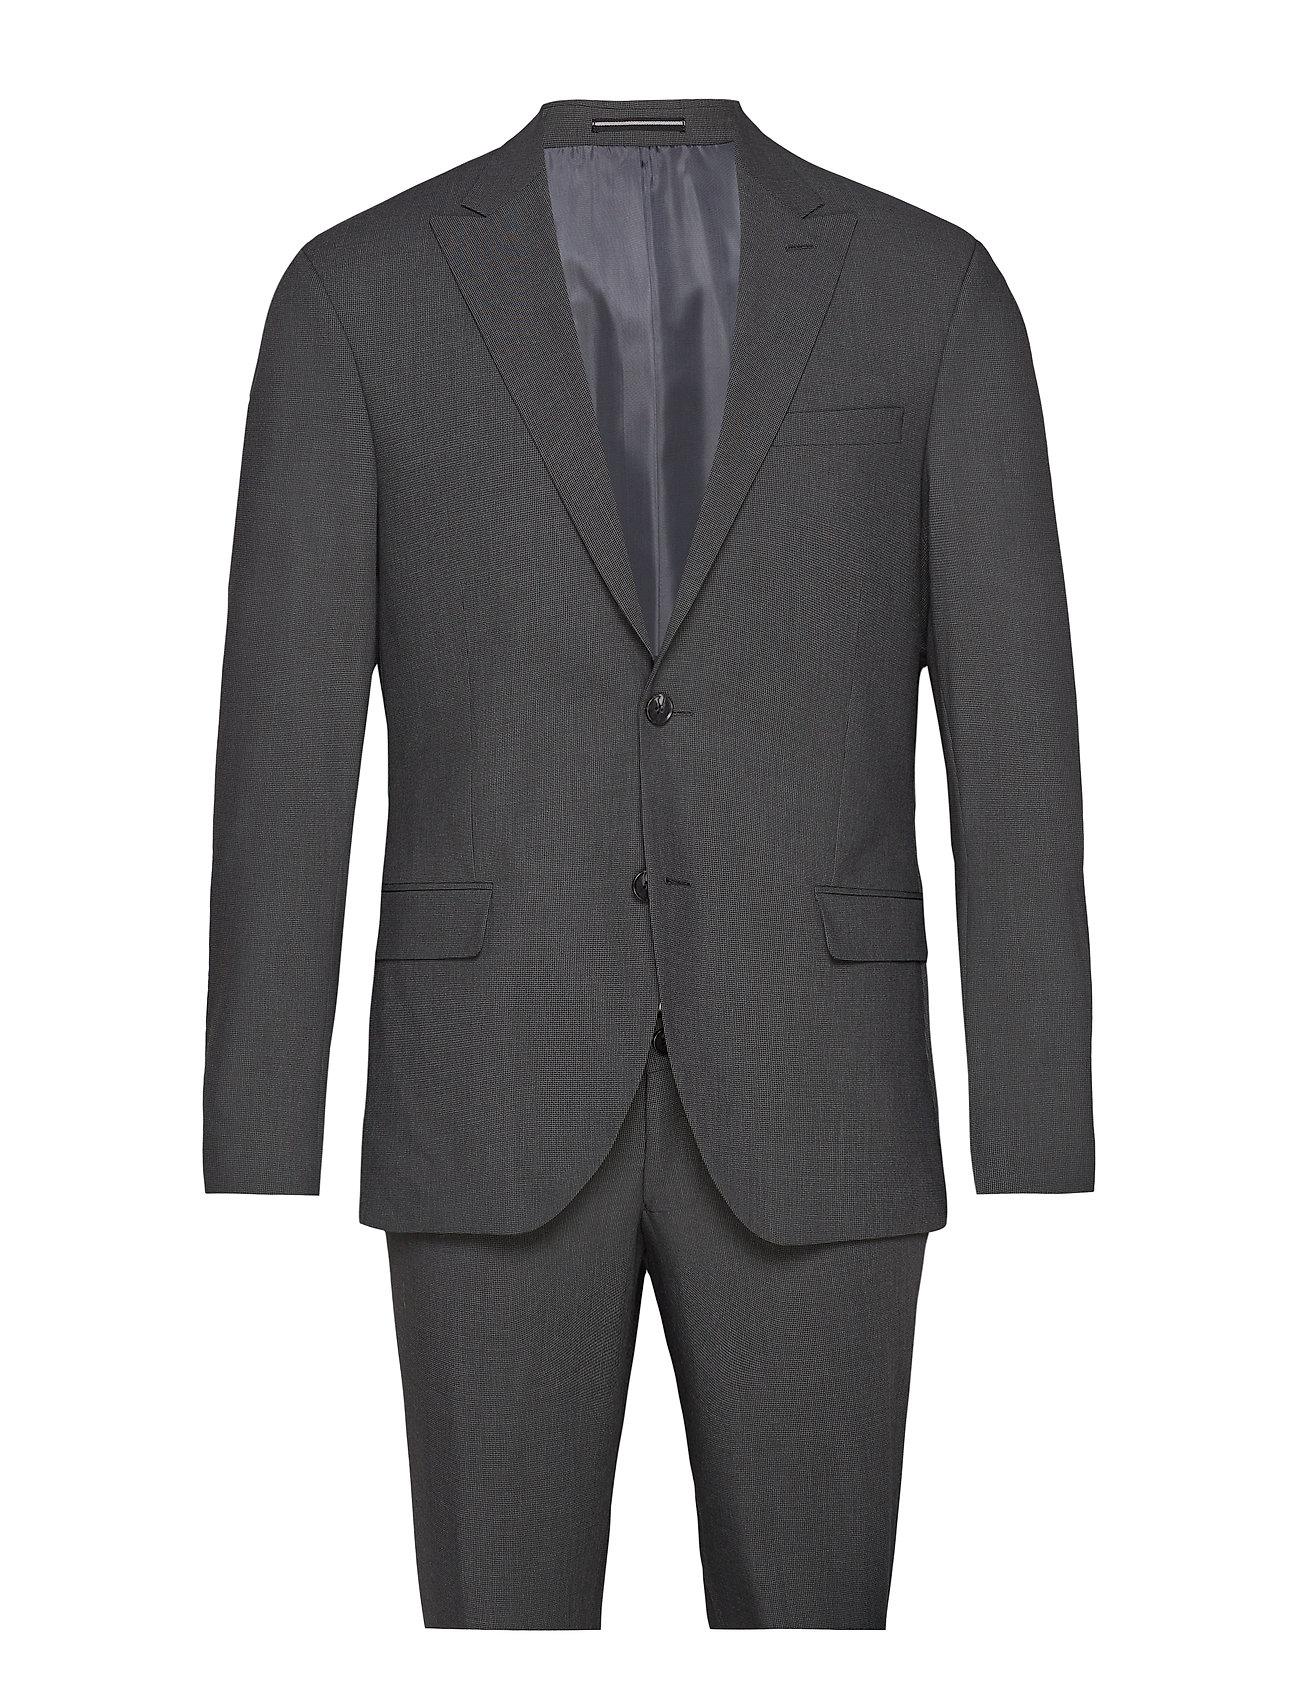 Bertoni Suit Drejer-Jepsen - 980 ANTHRACITE